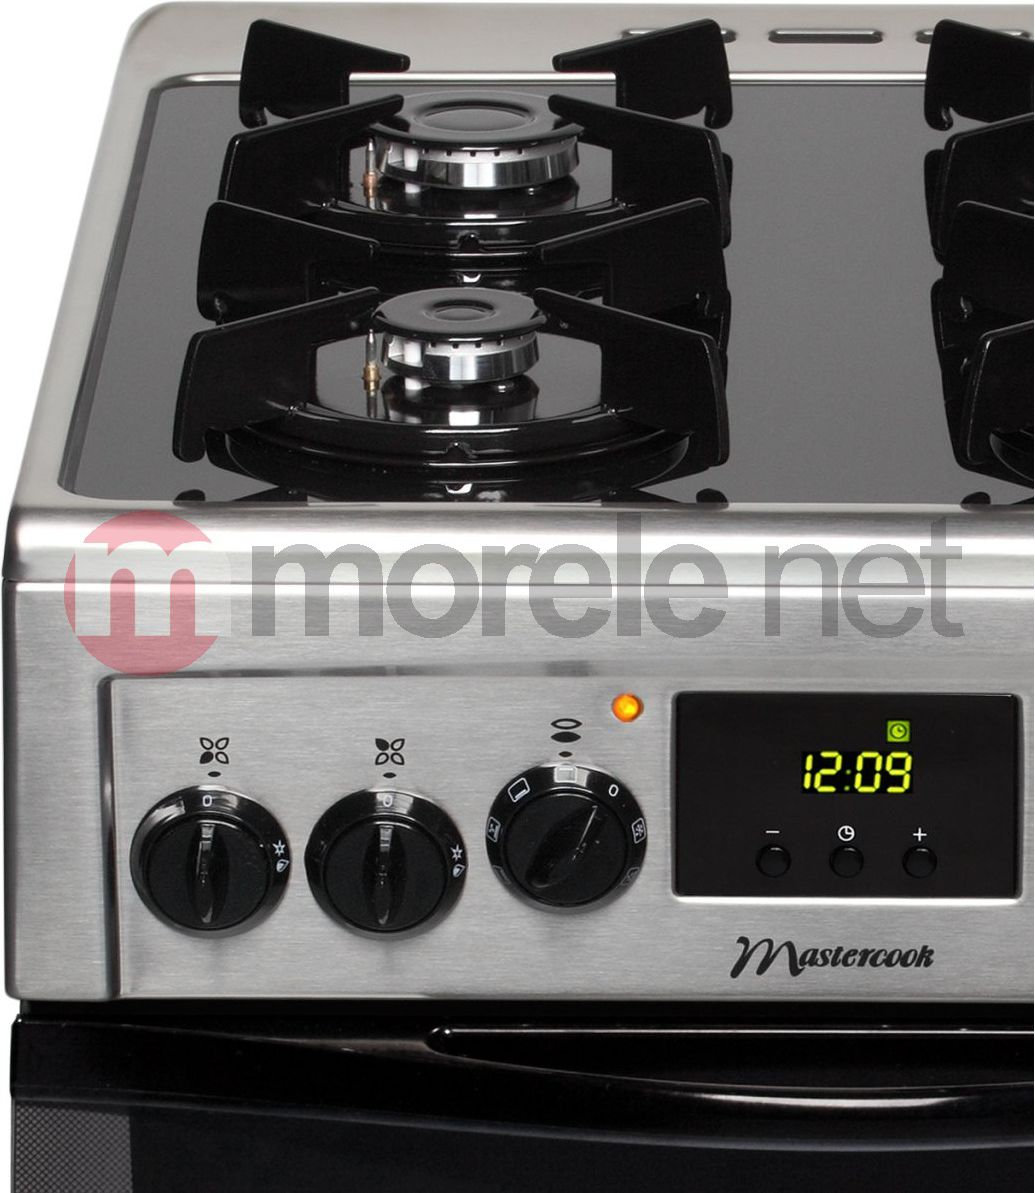 Mastercook KGE 3455 X DYNAMIC w Morele net -> Kuchnia Gazowo Elektryczna Mastercook